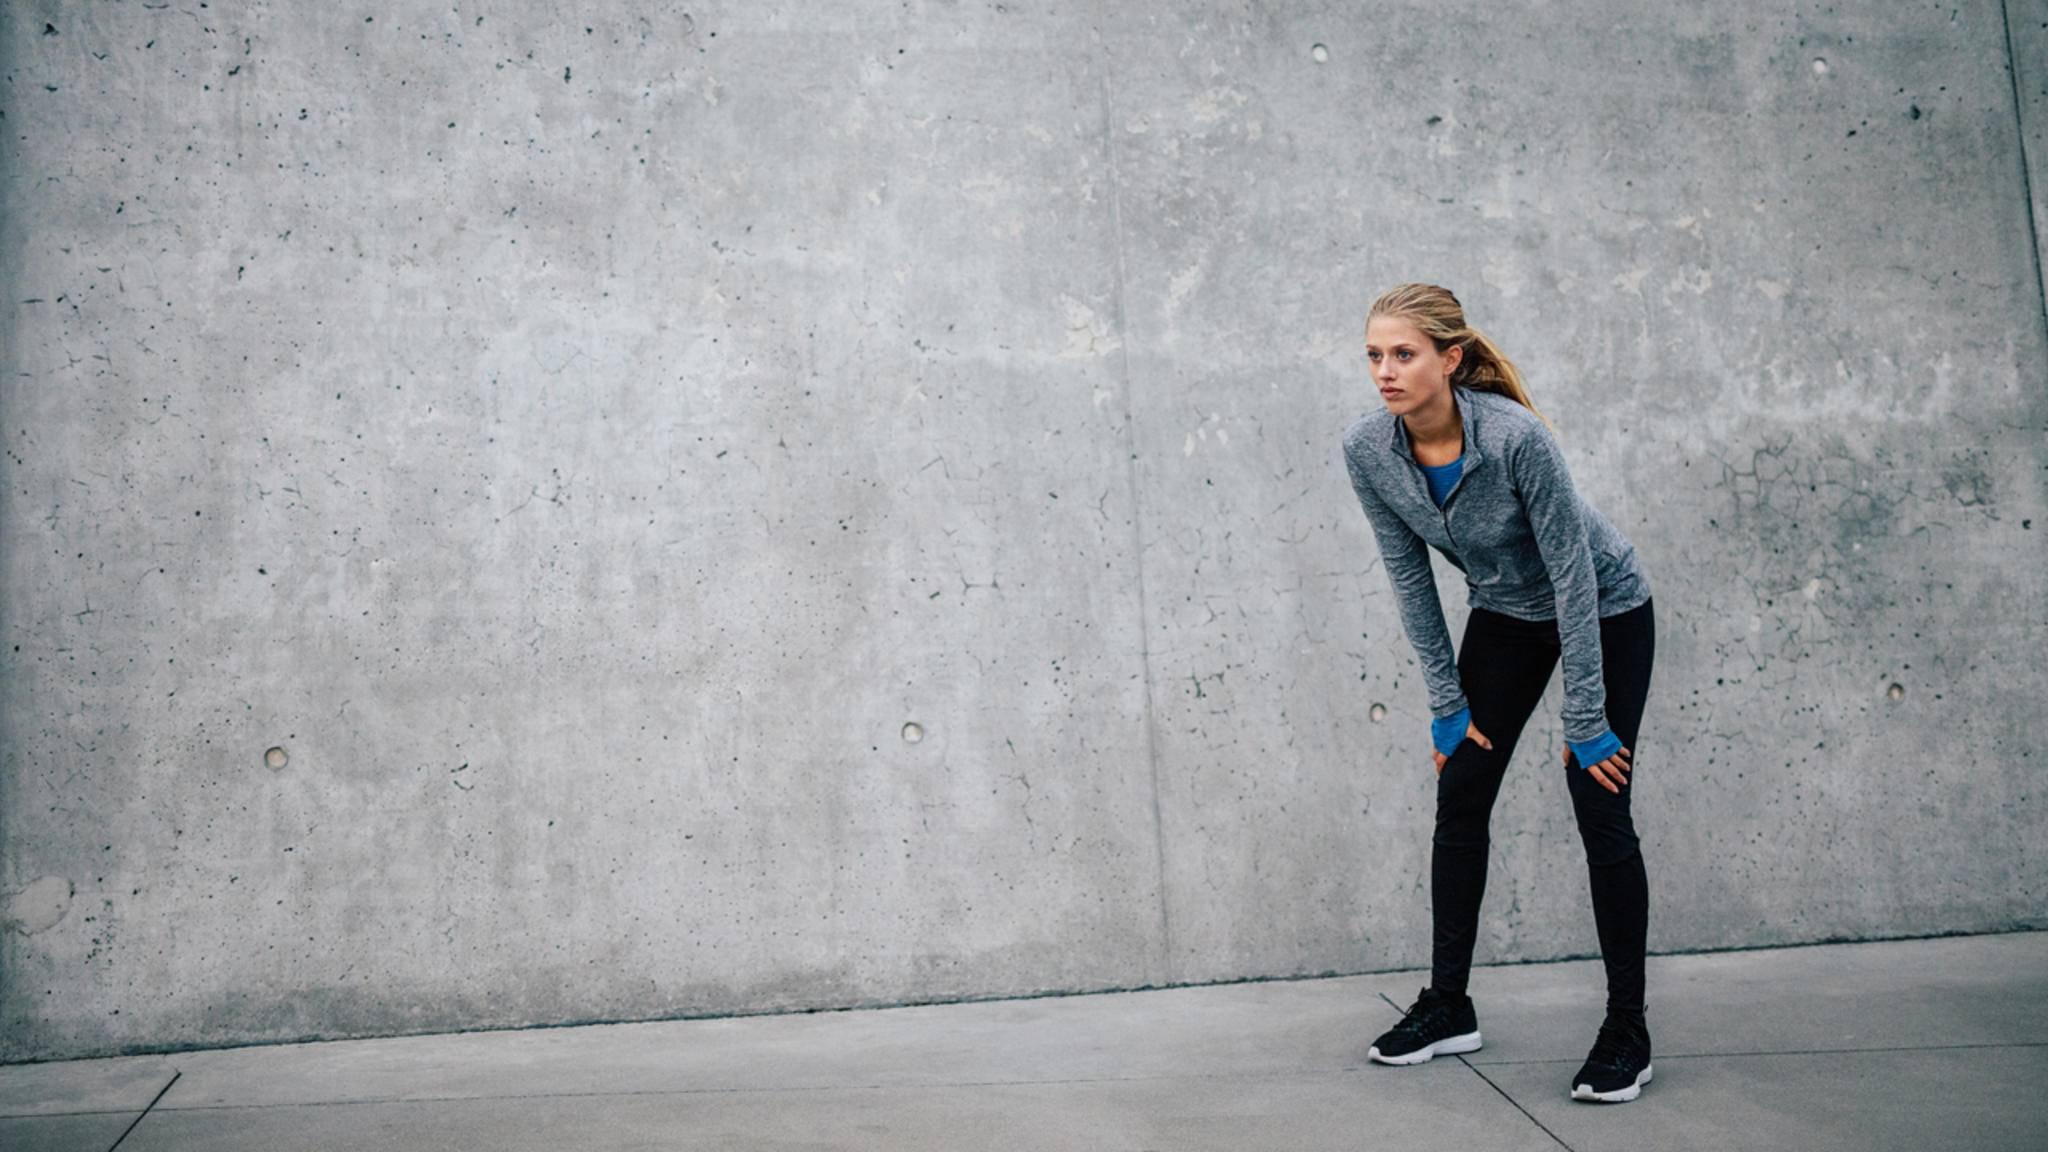 Dir geht zu schnell die Puste aus? Wir verraten Dir, wie Du Deine Ausdauer mit gezieltem Training verbesserst.